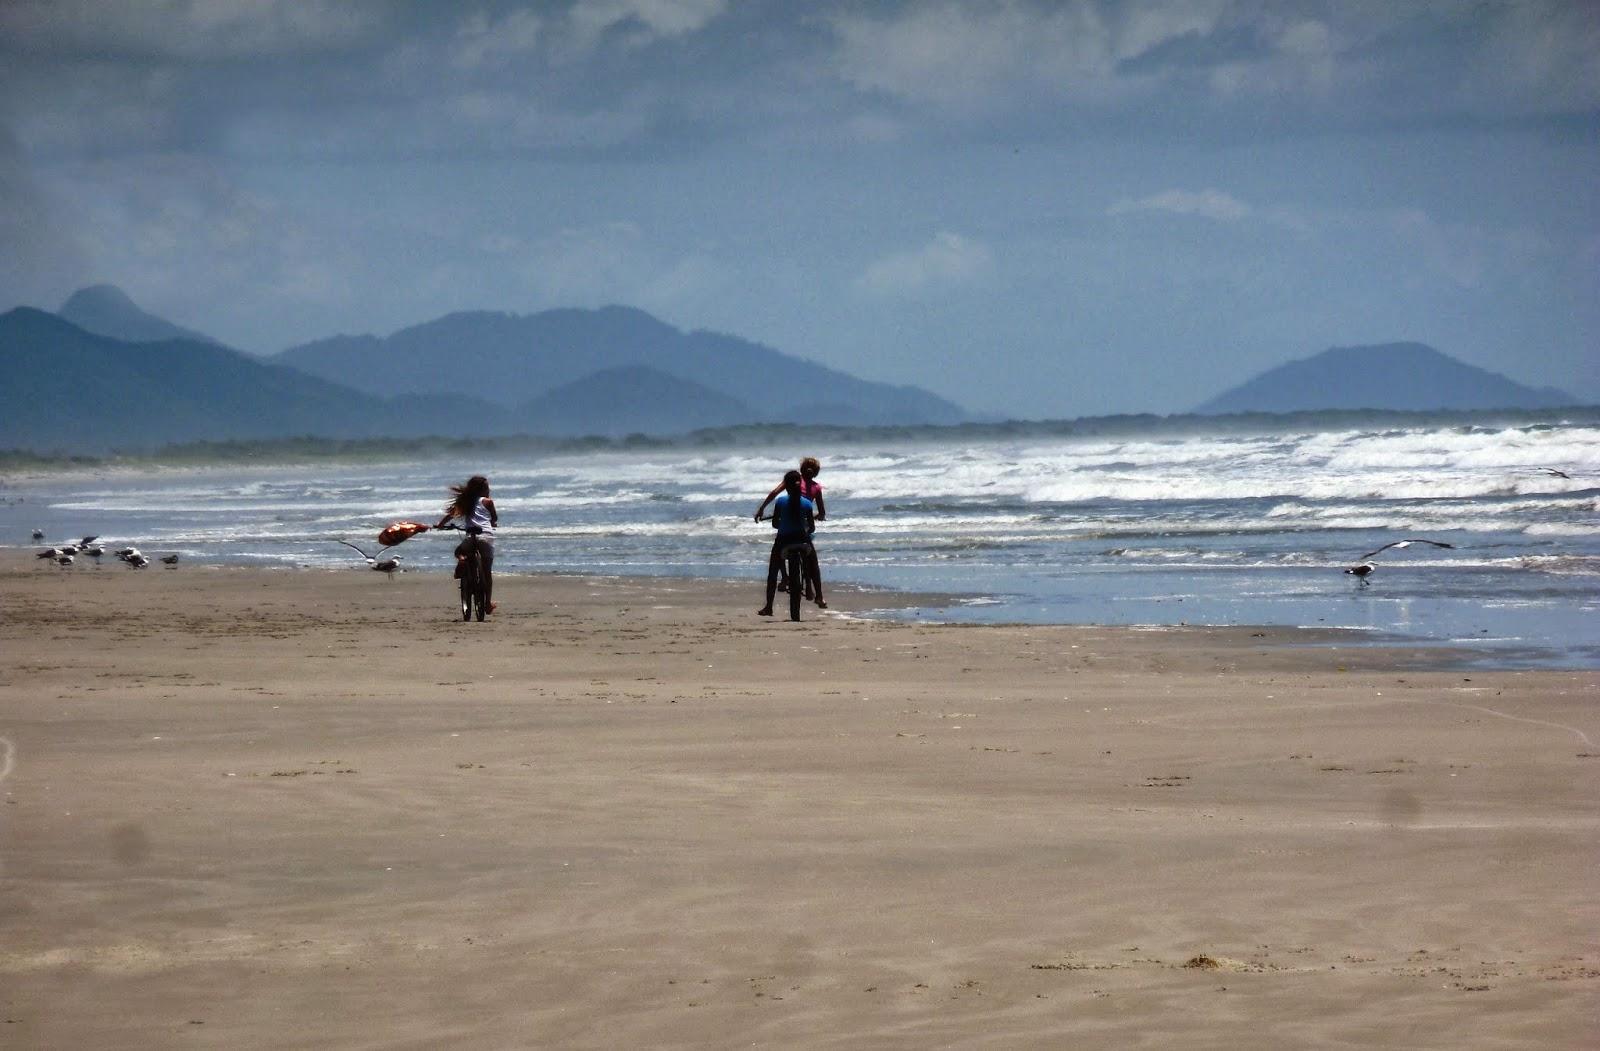 Balade à vélo sur la plage de Superagüi, Brésil